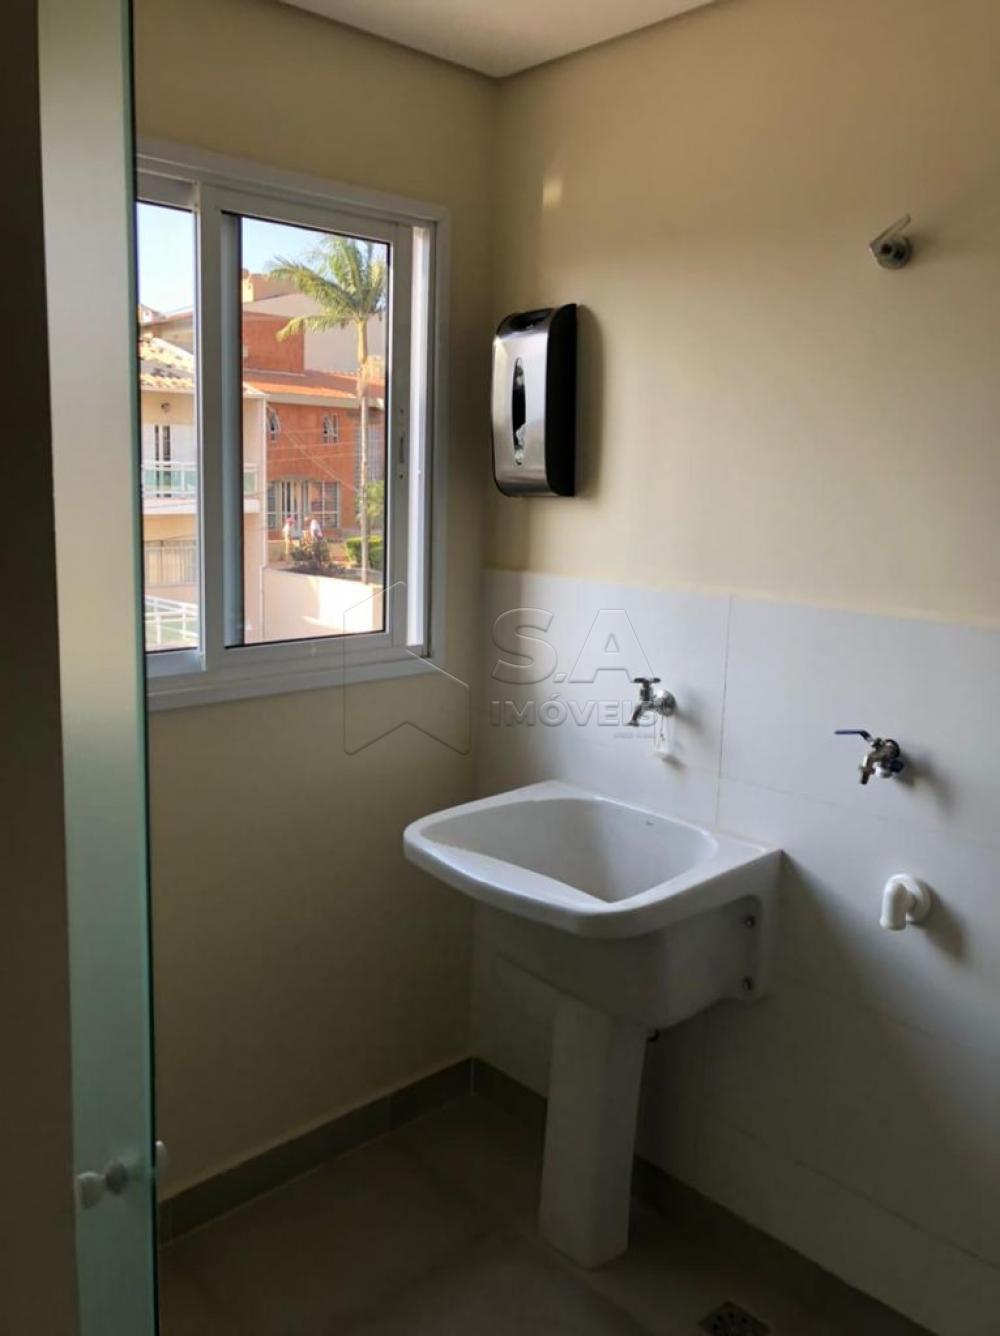 Comprar Apartamento / Padrão em Botucatu R$ 560.000,00 - Foto 7